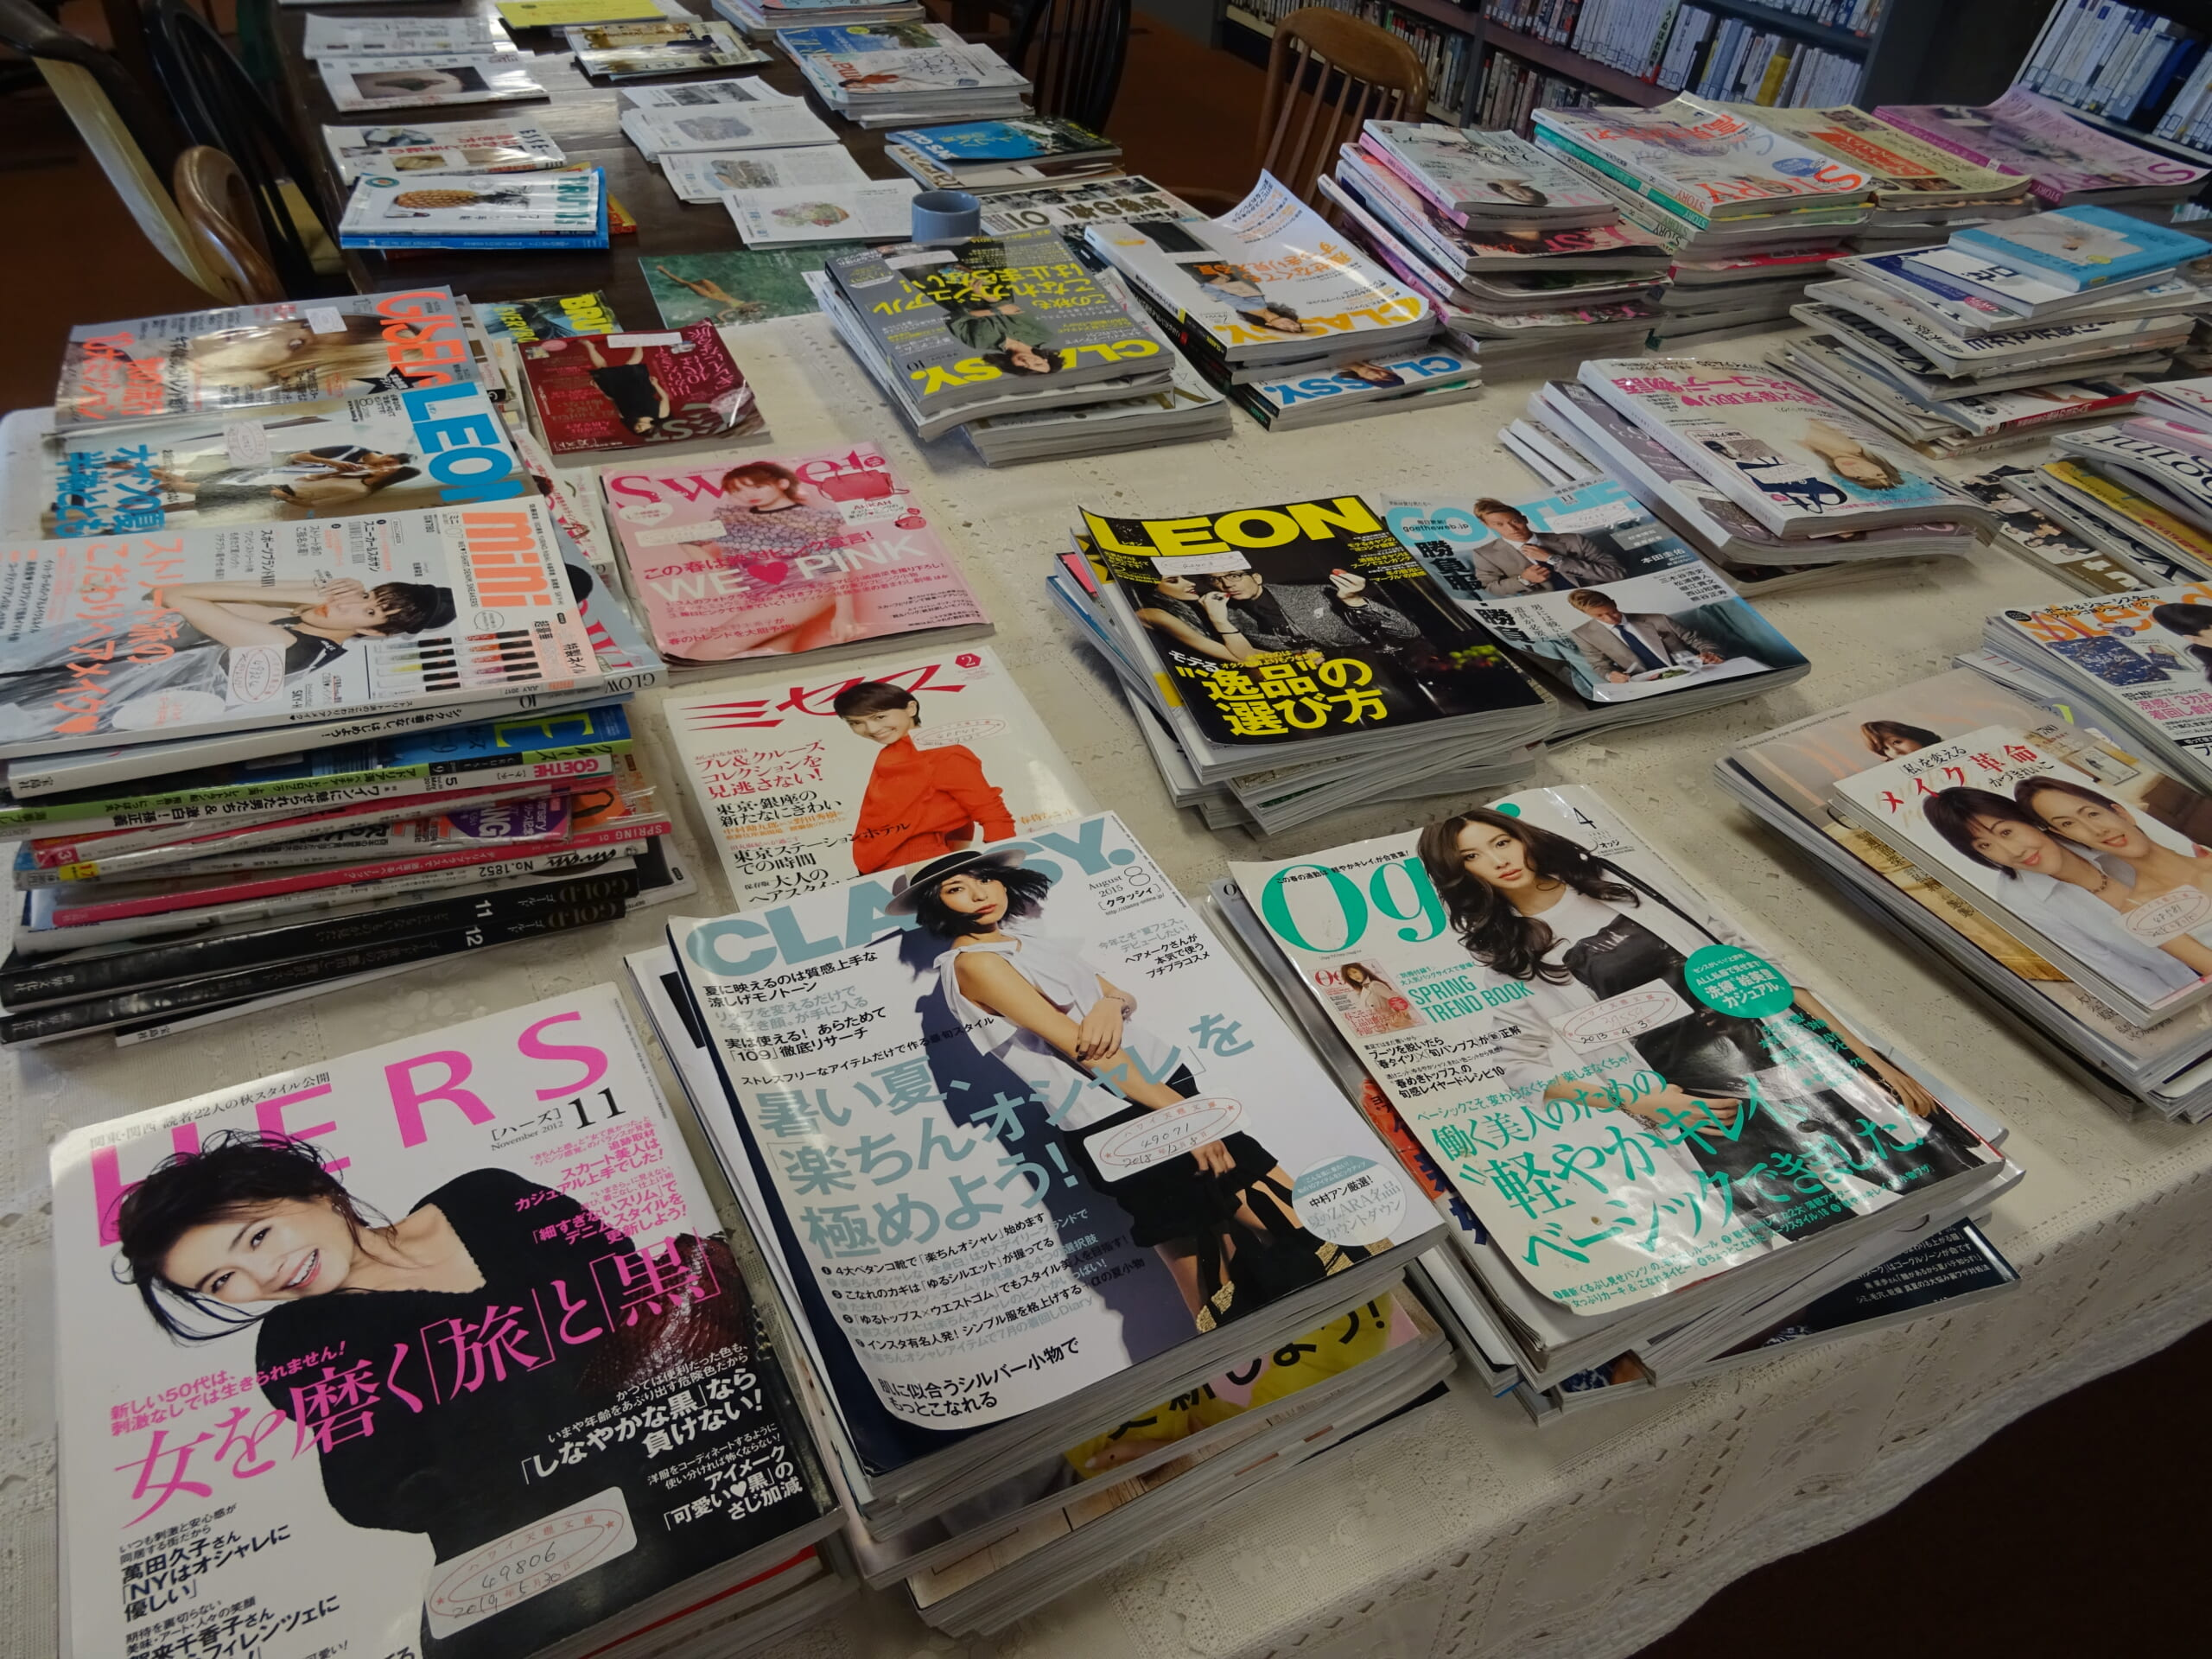 6ファッション雑誌